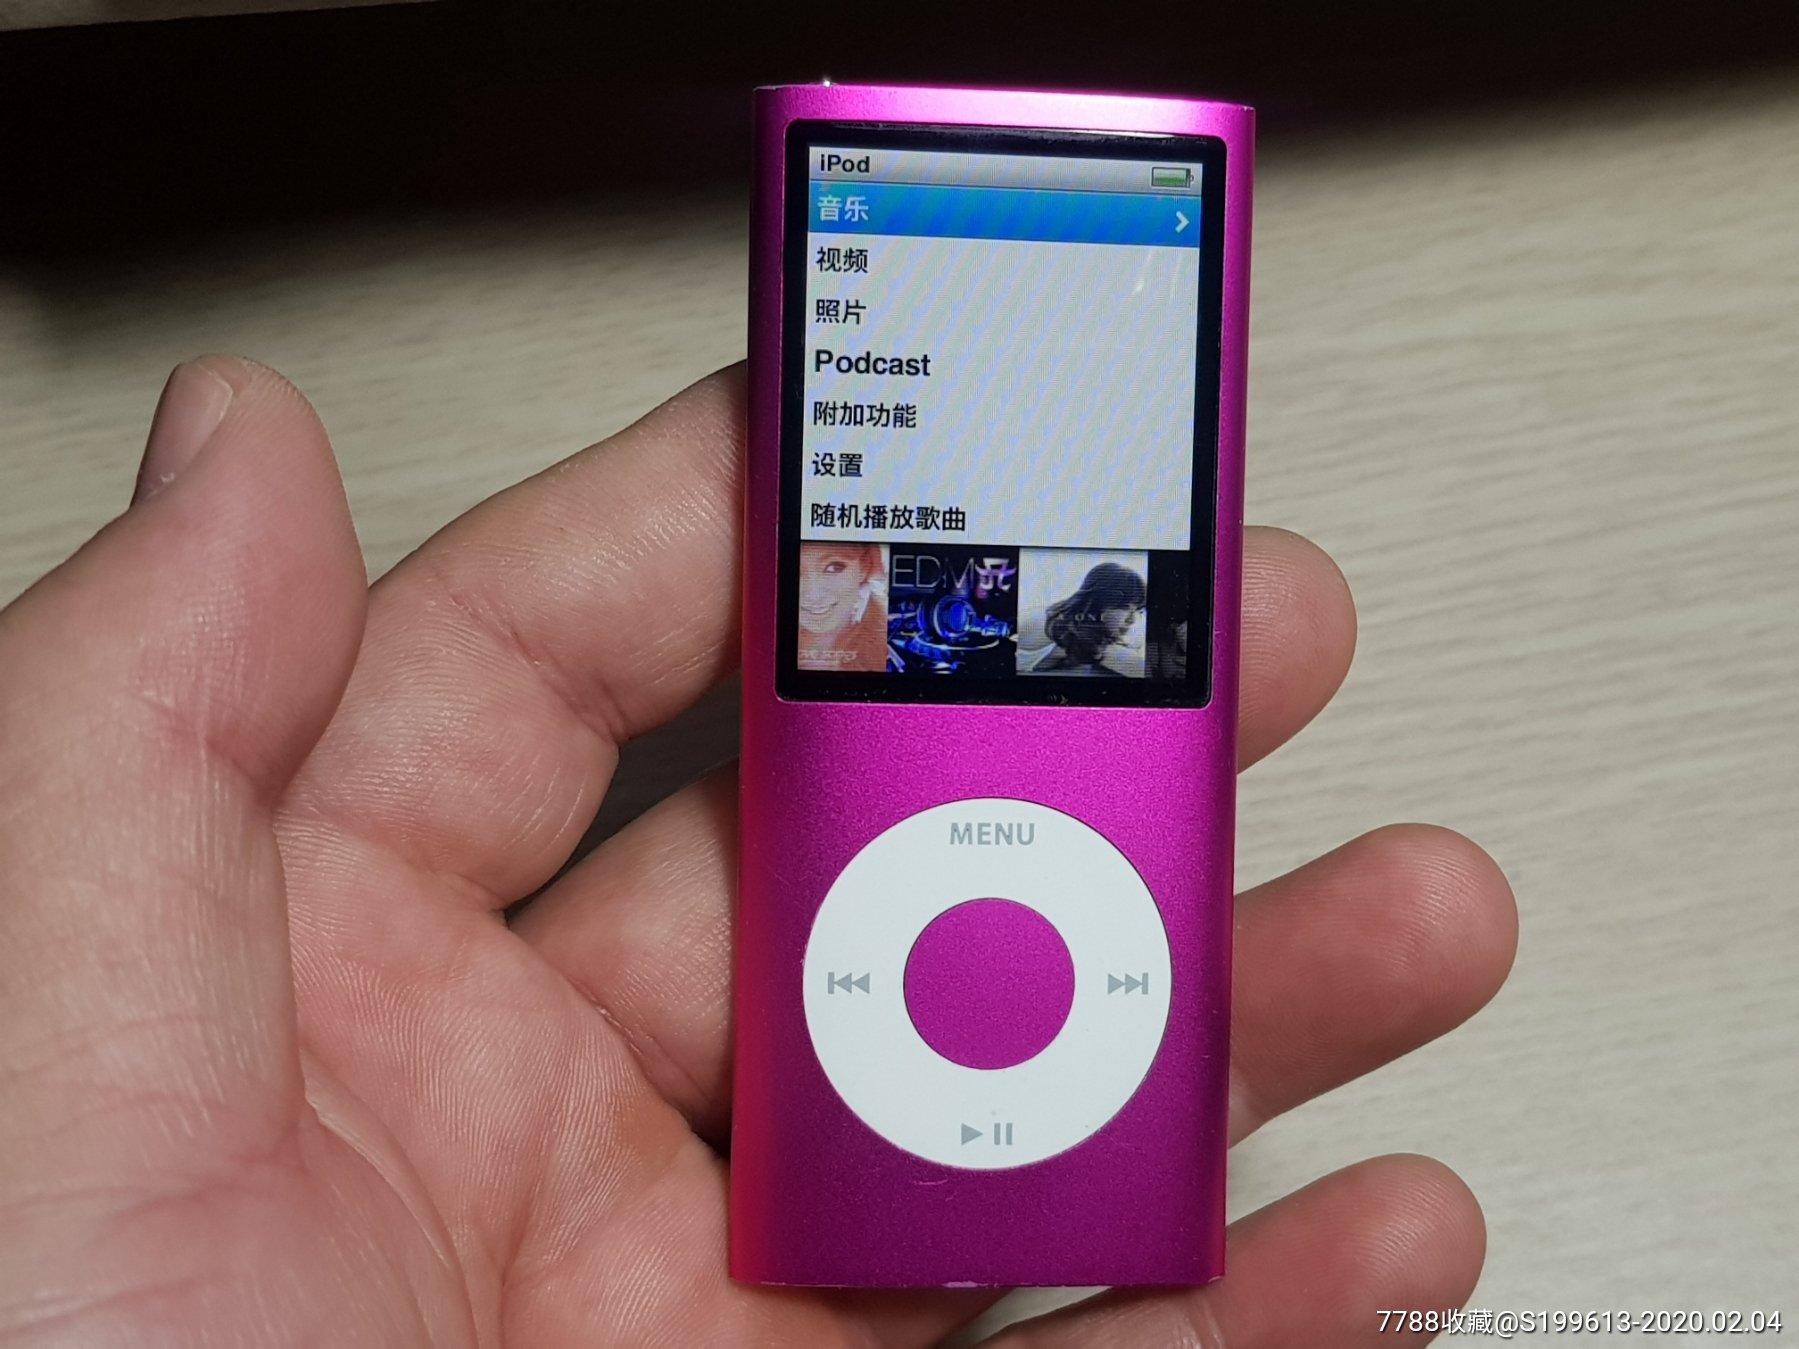 95新,苹果iPodnano4(8G)播放器,电池不耐用,轻微磕碰划痕(se70941618)_